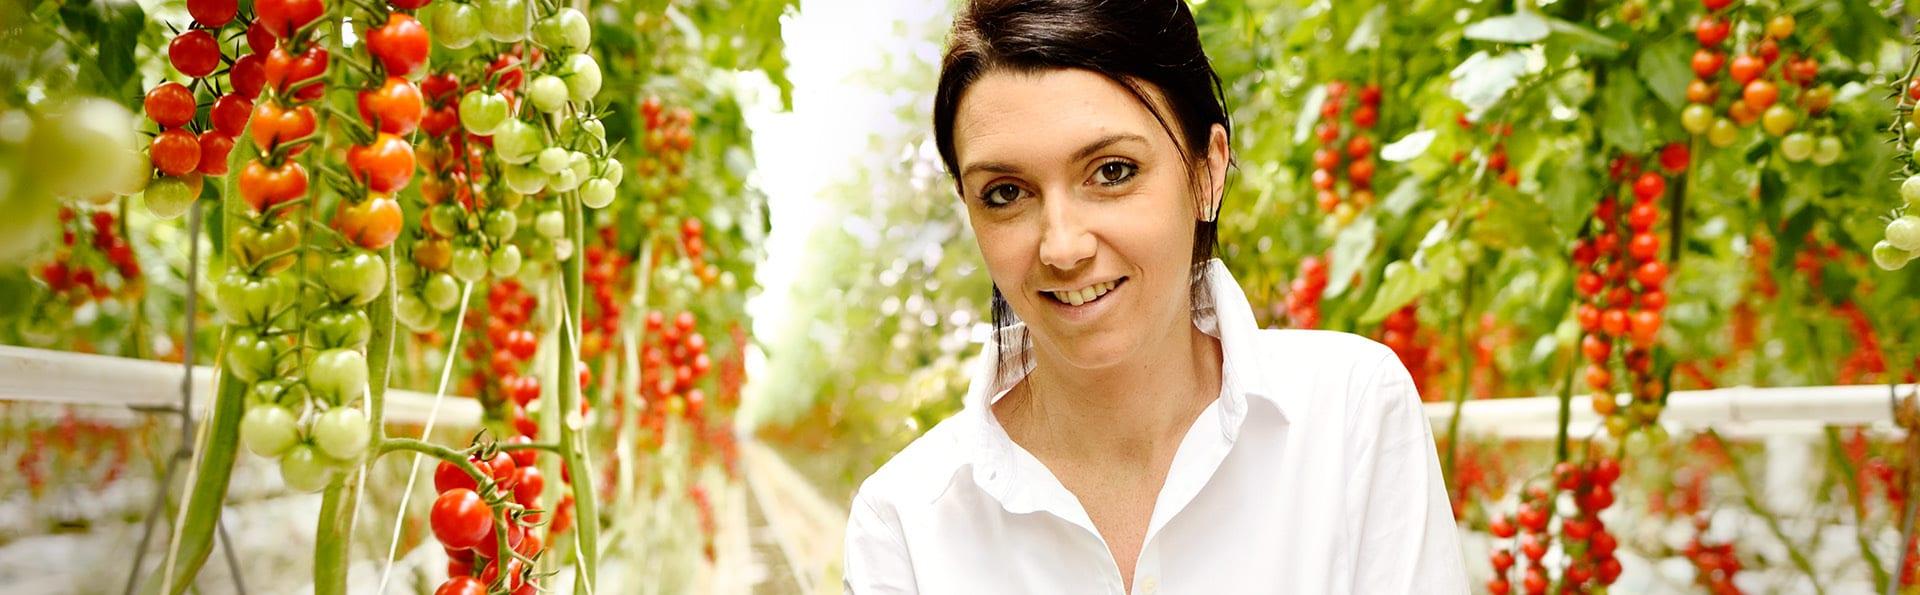 Anne-Claire au milieu des plants de tomates, dans sa serre de tomates cerise en région nantaise